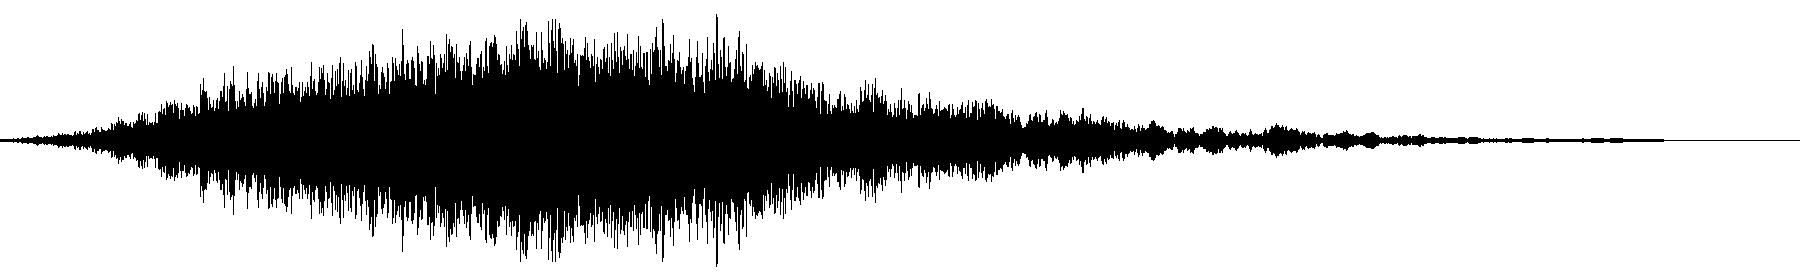 vfx1 atmos 46